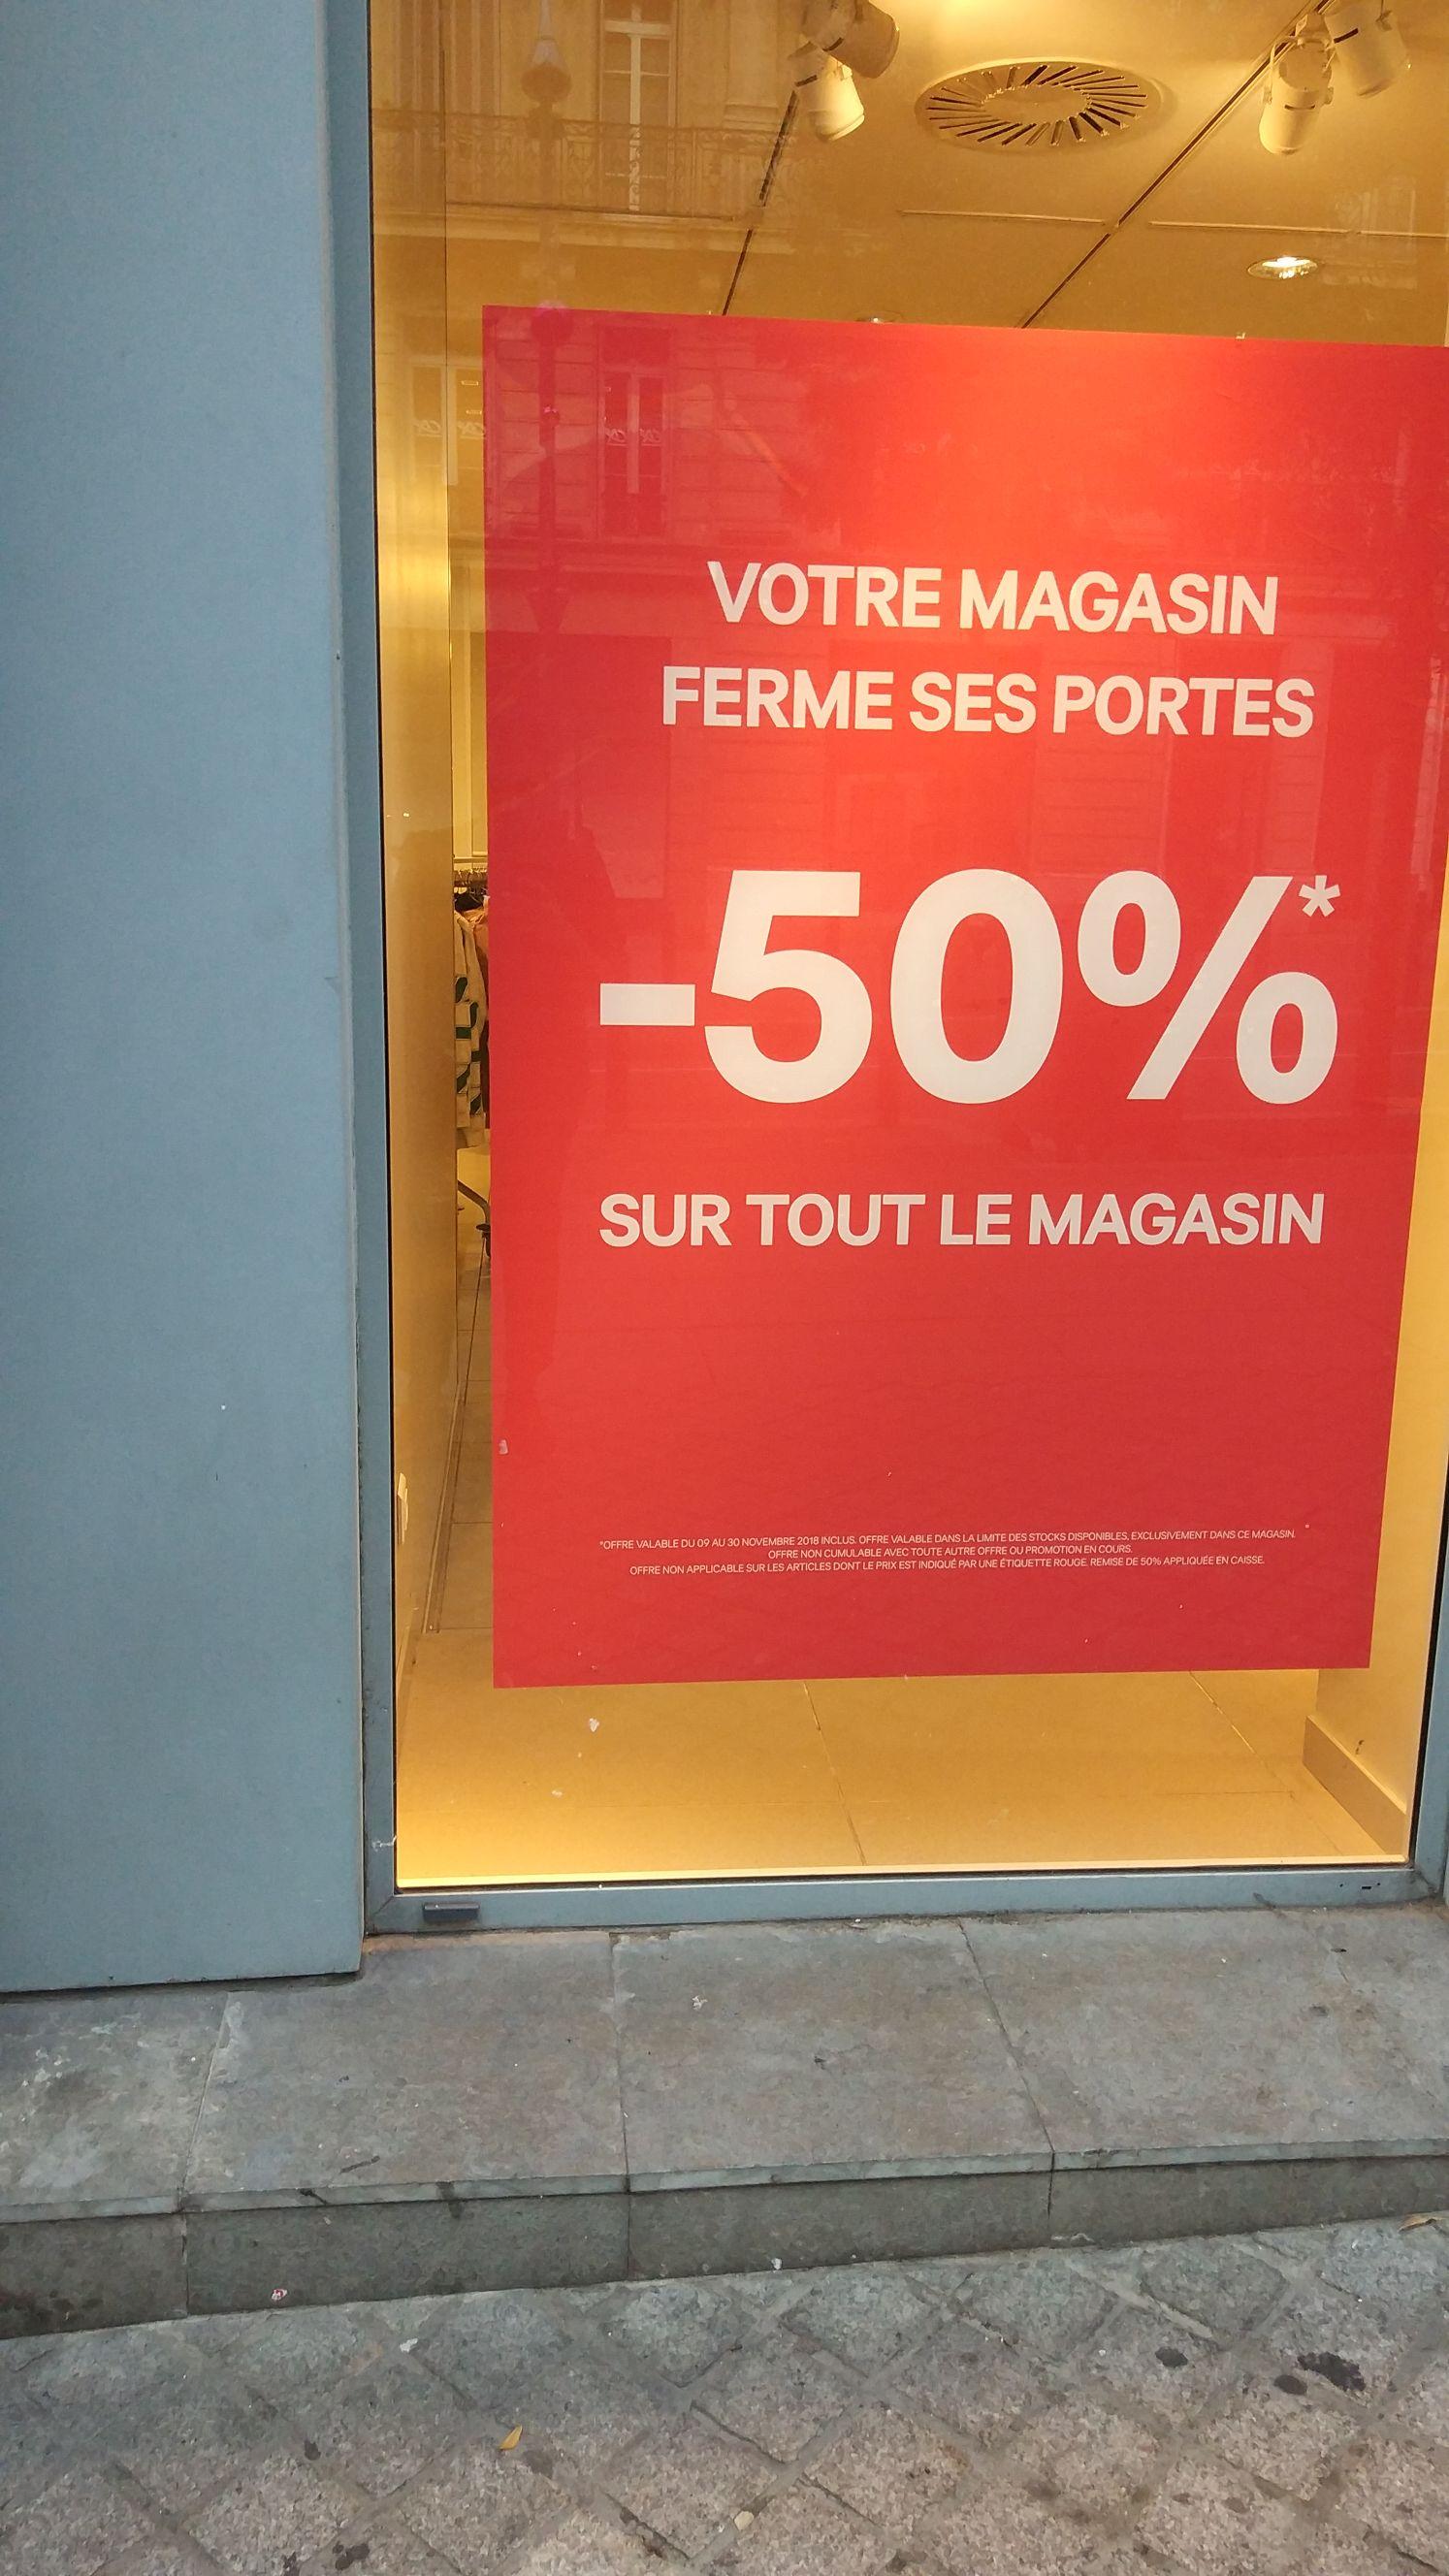 50% de réduction sur tout le magasin - Marseille (13)